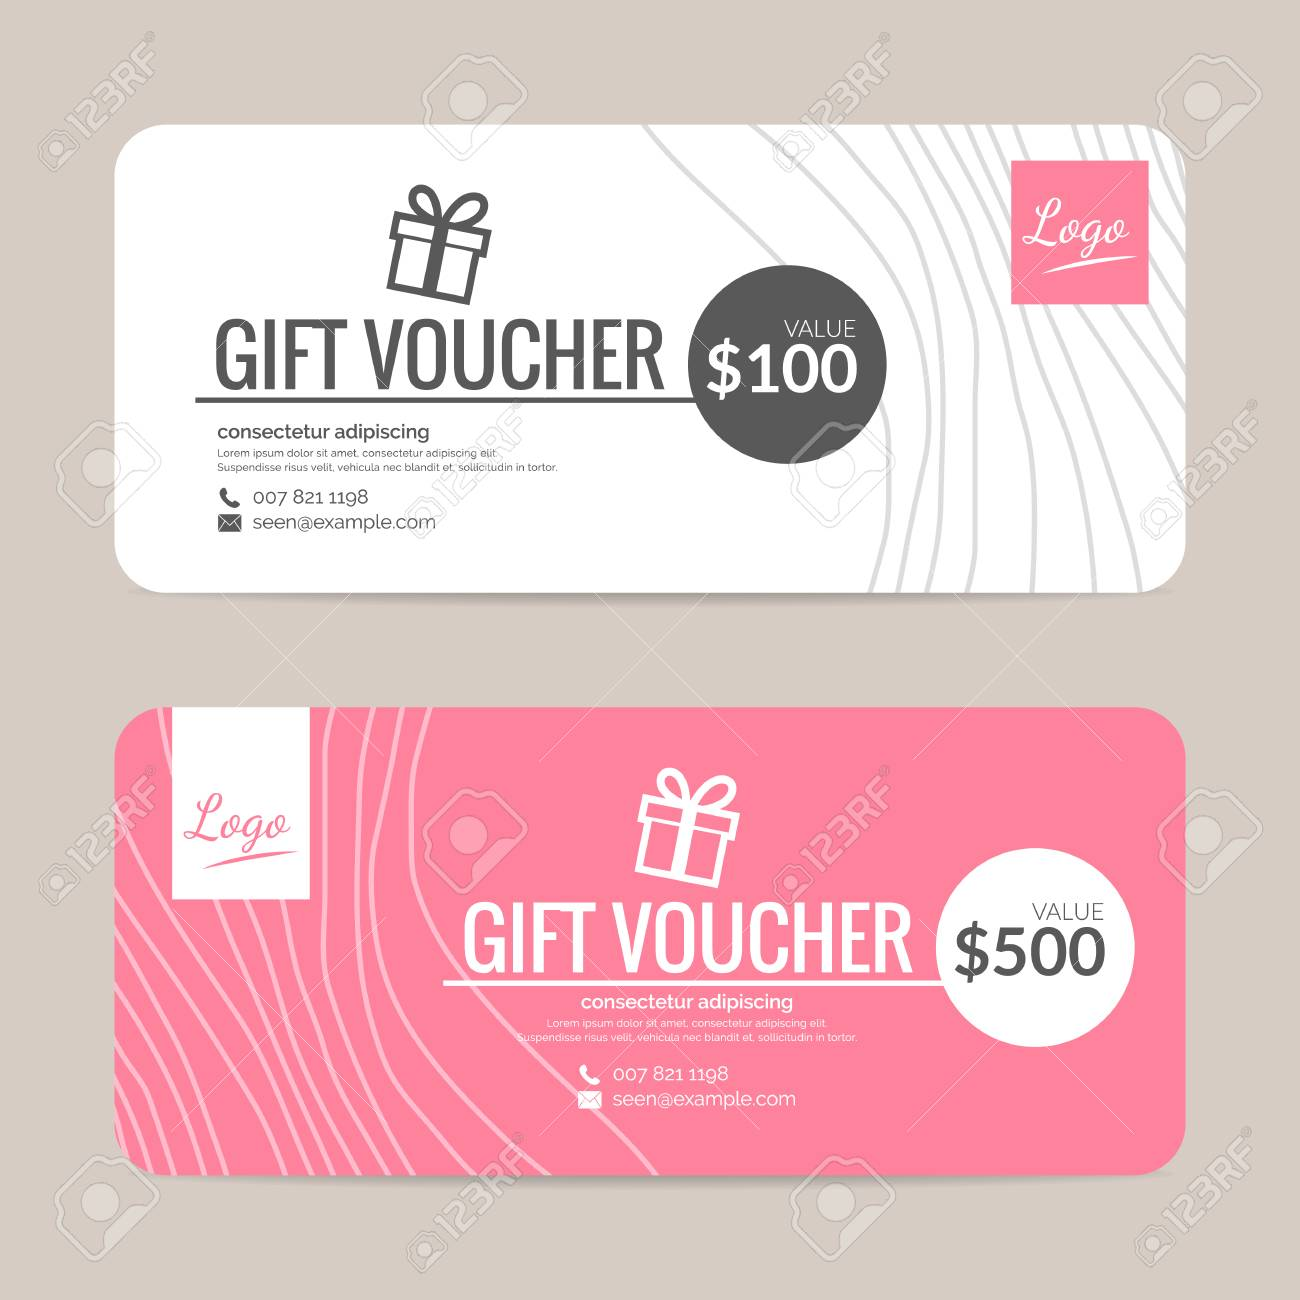 Gift voucher template eps10 vector format royalty free cliparts gift voucher template eps10 vector format stock vector 48215463 altavistaventures Gallery